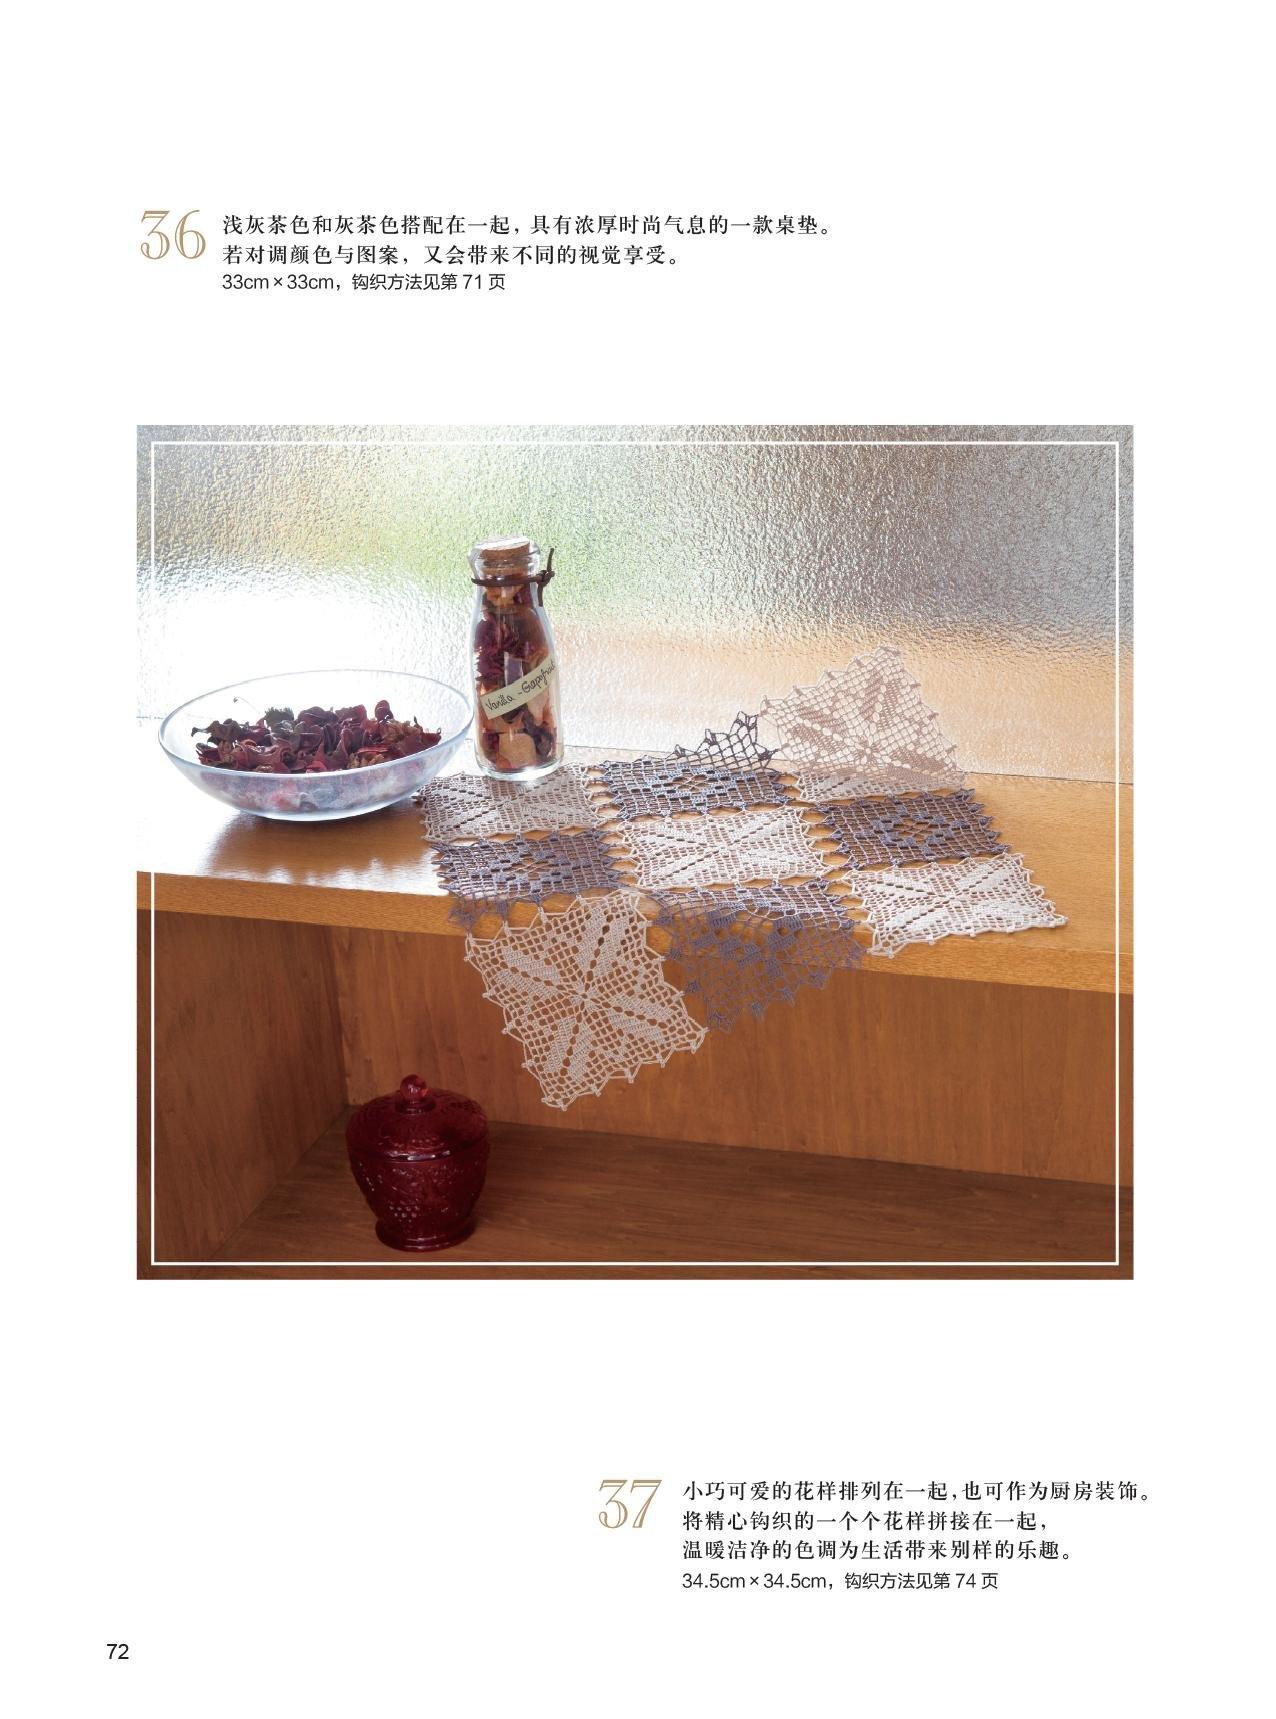 页面提取自-爱恋蕾丝最终-2-1.jpg